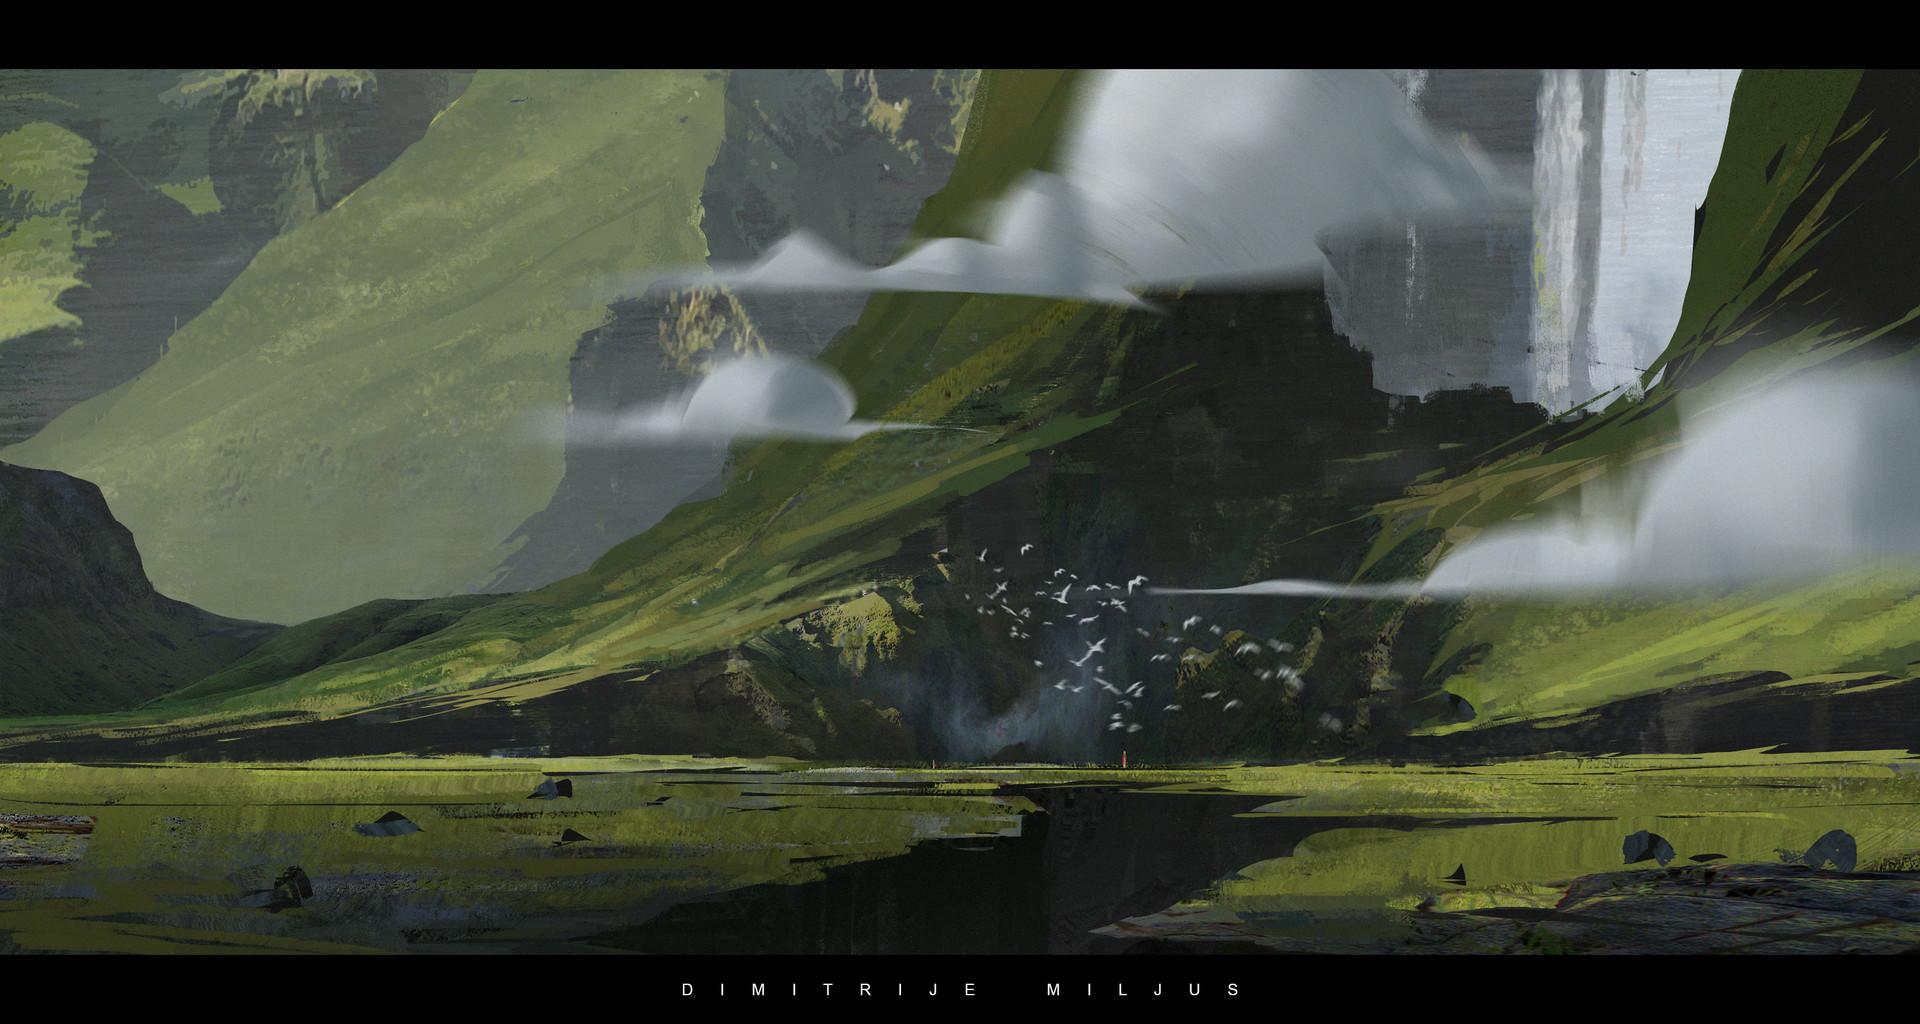 Dimitrije miljus greenf